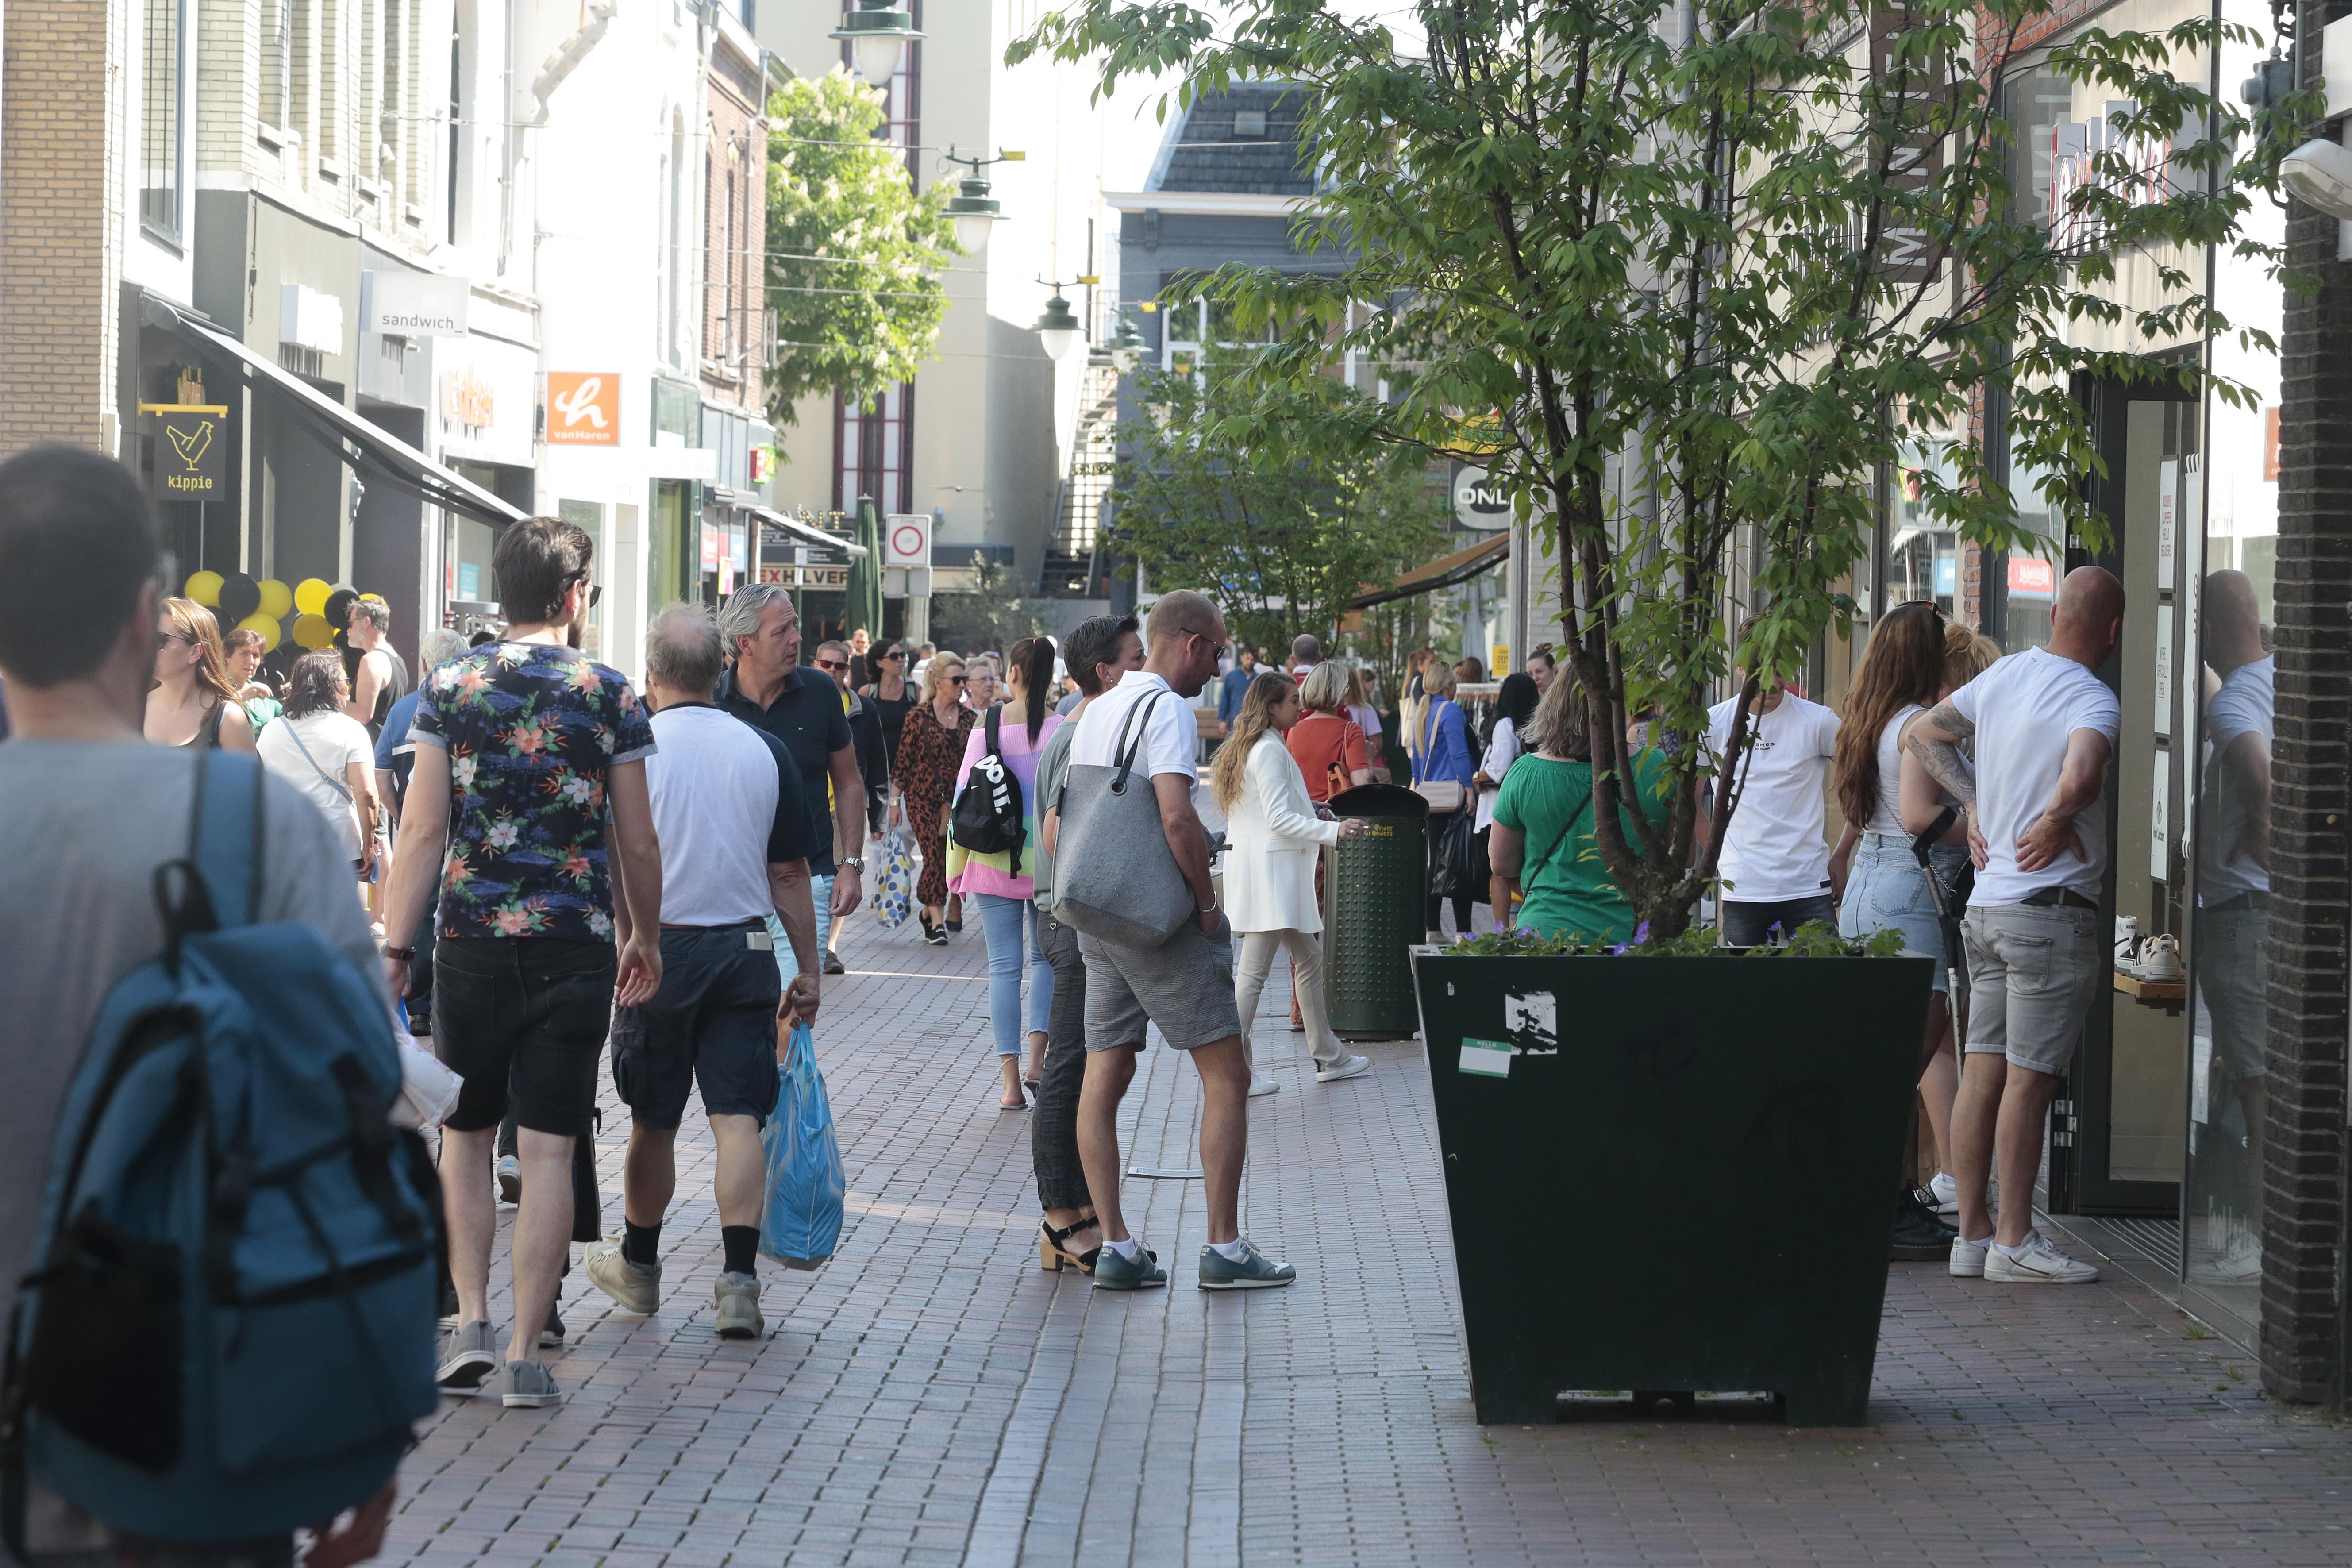 Chaos ligt op de loer in centrum van Hilversum nu winkels weer open zijn. Looproutes en afscheidingen om publiek op veilige afstand van elkaar te laten shoppen